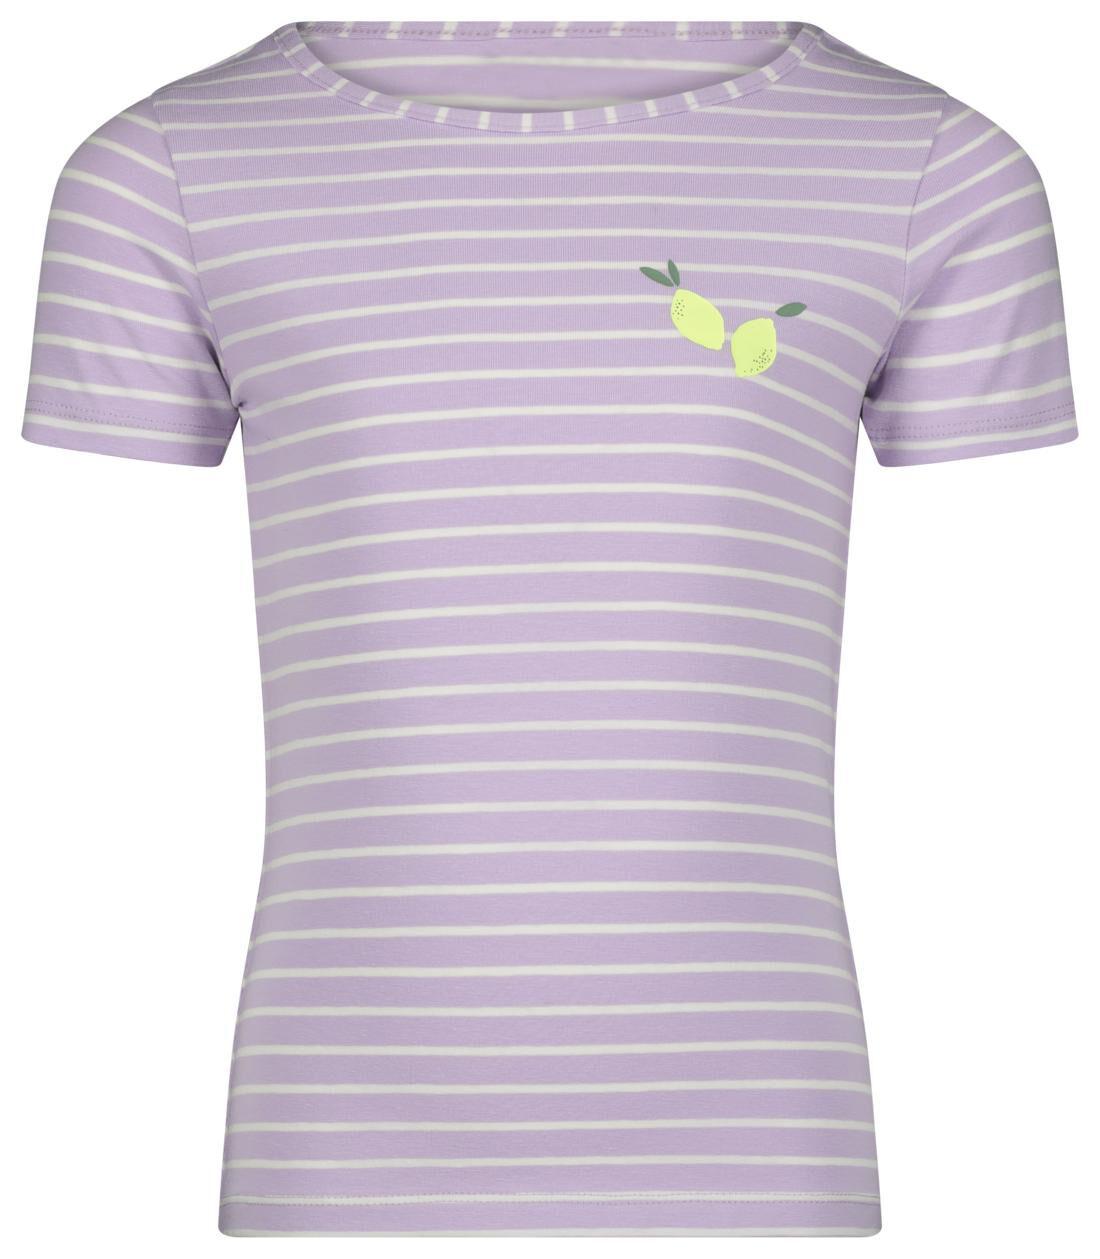 HEMA Kinder T-shirt Stripes Lila (lila)